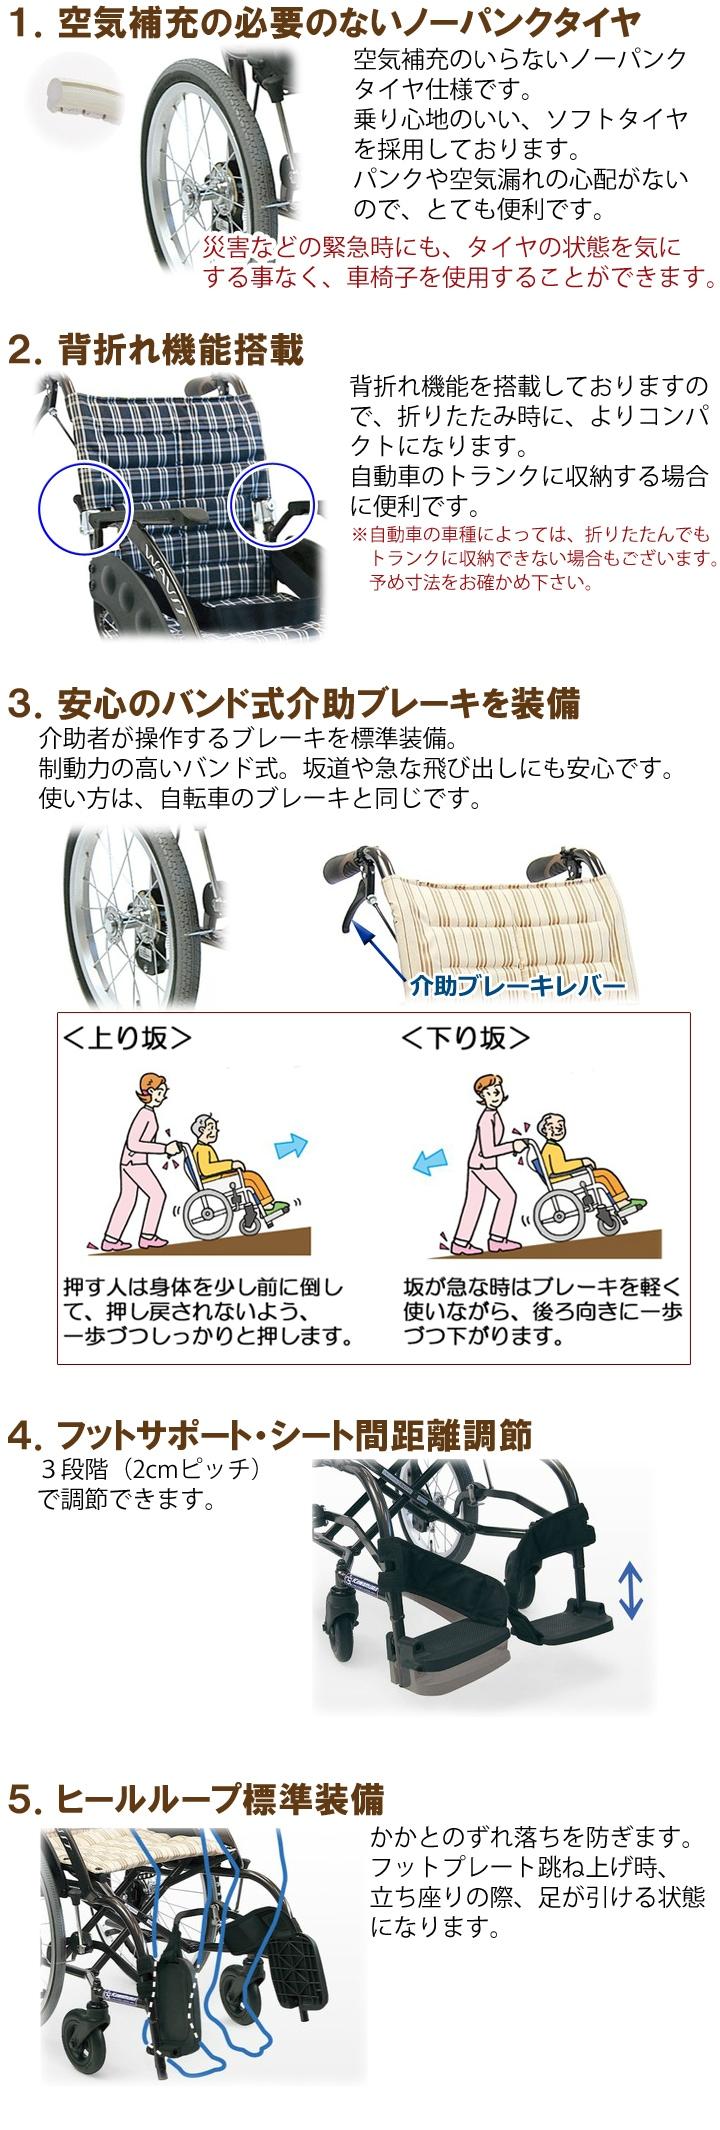 車いすの機能説明